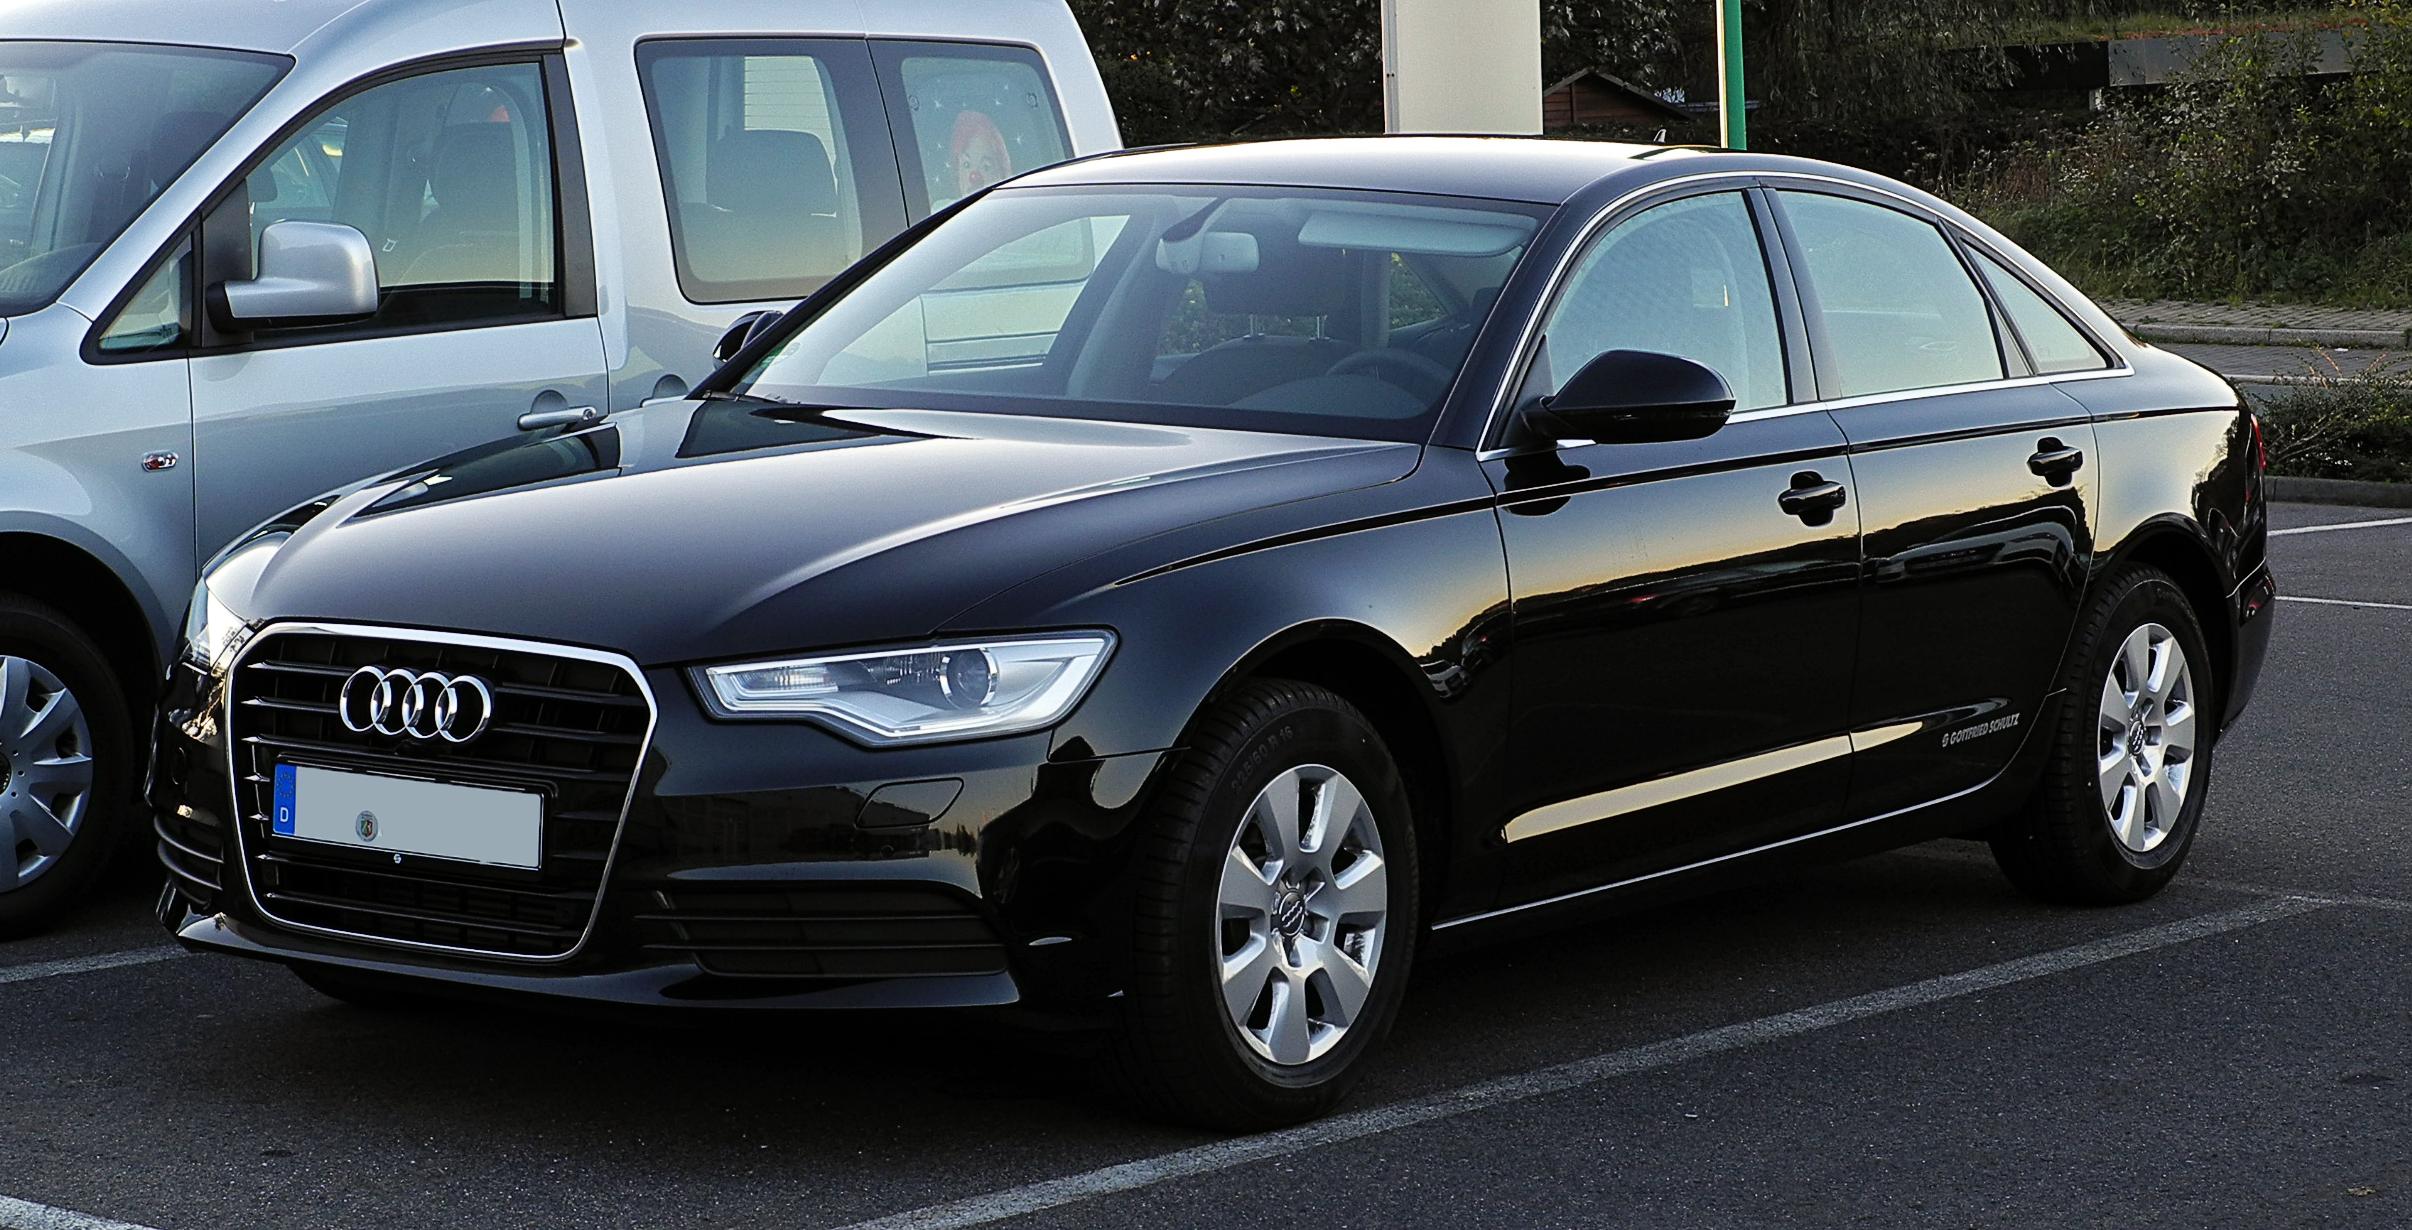 File Audi A6 2 0 Tdi C7 Frontansicht 15 Oktober 2011